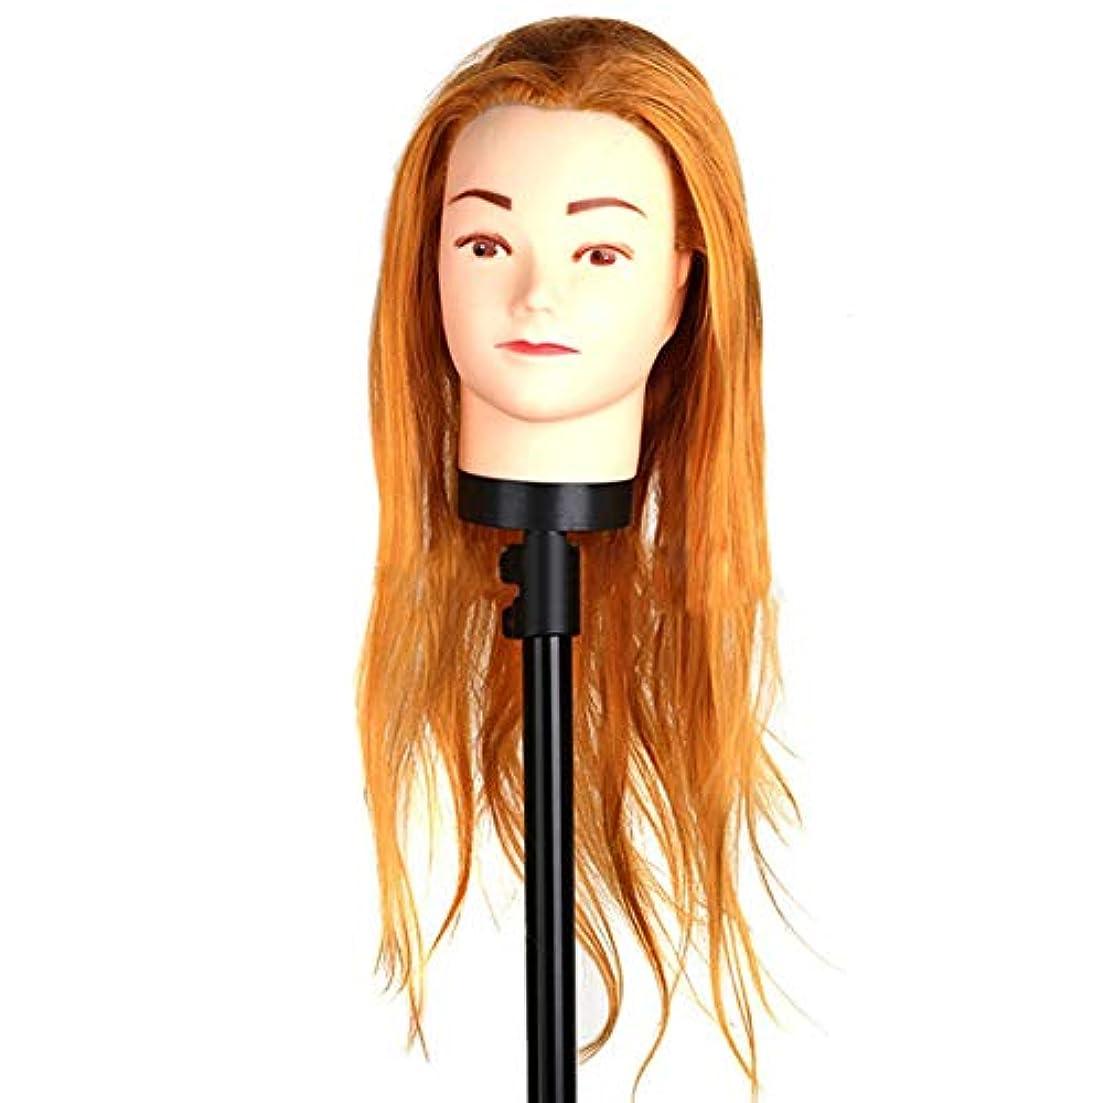 短命うん第二高温繊維かつらヘッドモールドメイクヘアスタイリングヘッドヘアーサロントレーニング学習ヘアカットデュアルユースダミー人間の頭